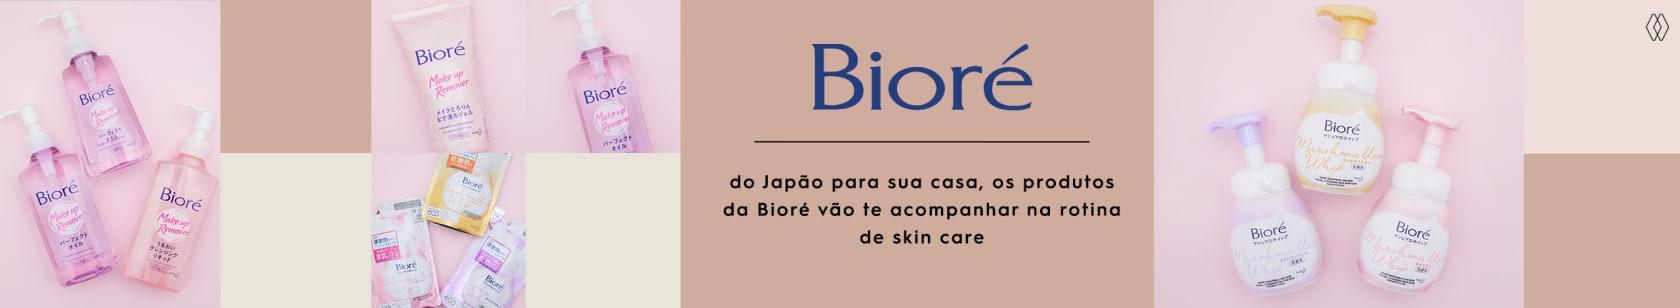 BIORÉ | AMARO